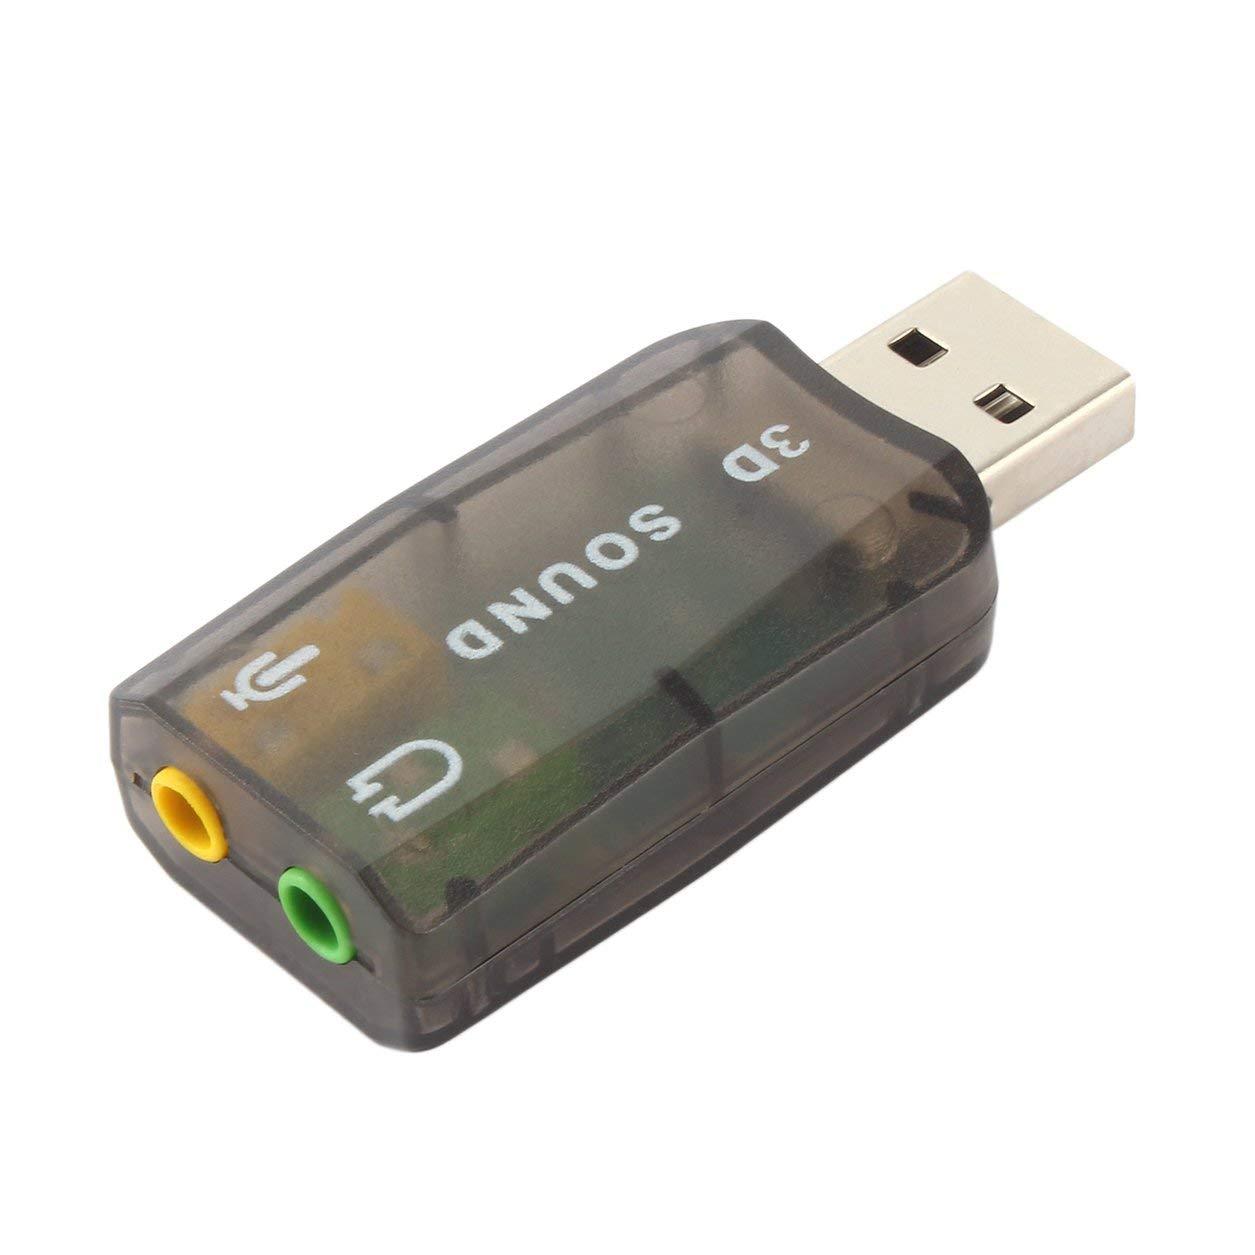 USB2.0 Audio Auriculares Auriculares Auriculares Micrófono Jack Adaptador convertidor con Efecto de Sonido de Fondo Envolvente dinámico (Color: Negro) Dailyinshop